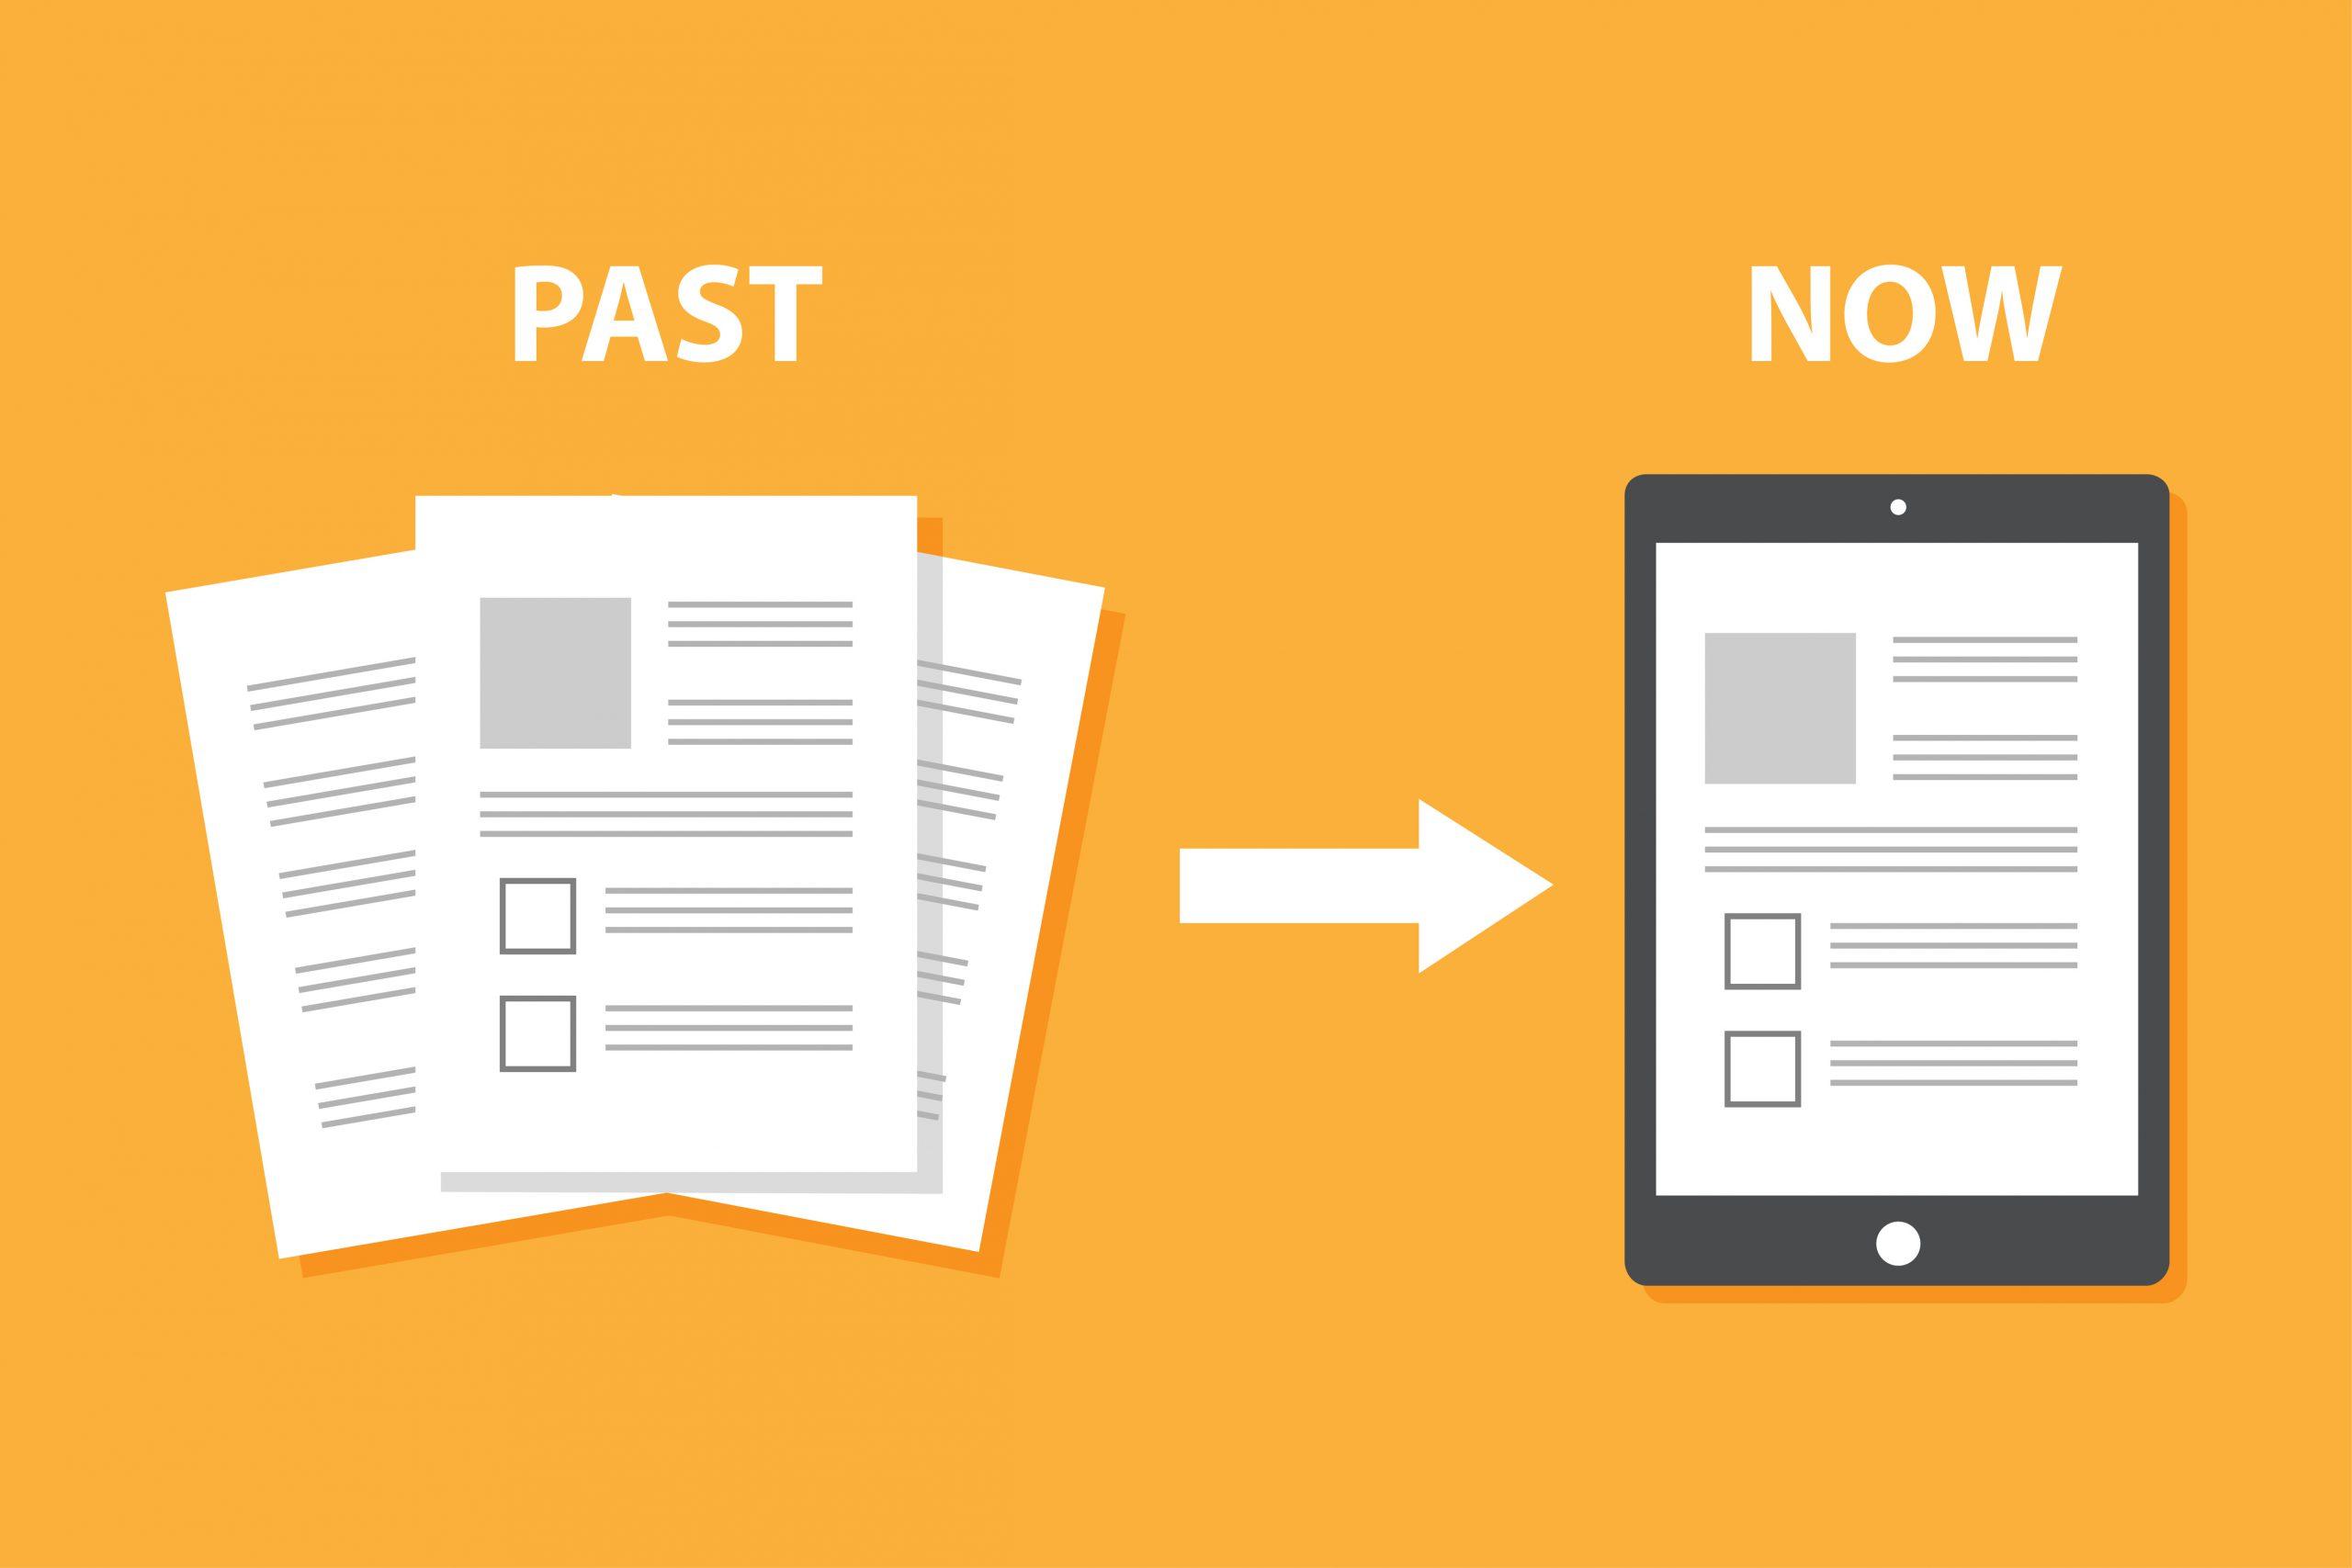 紙業務のペーパーレス化の方法についてご紹介